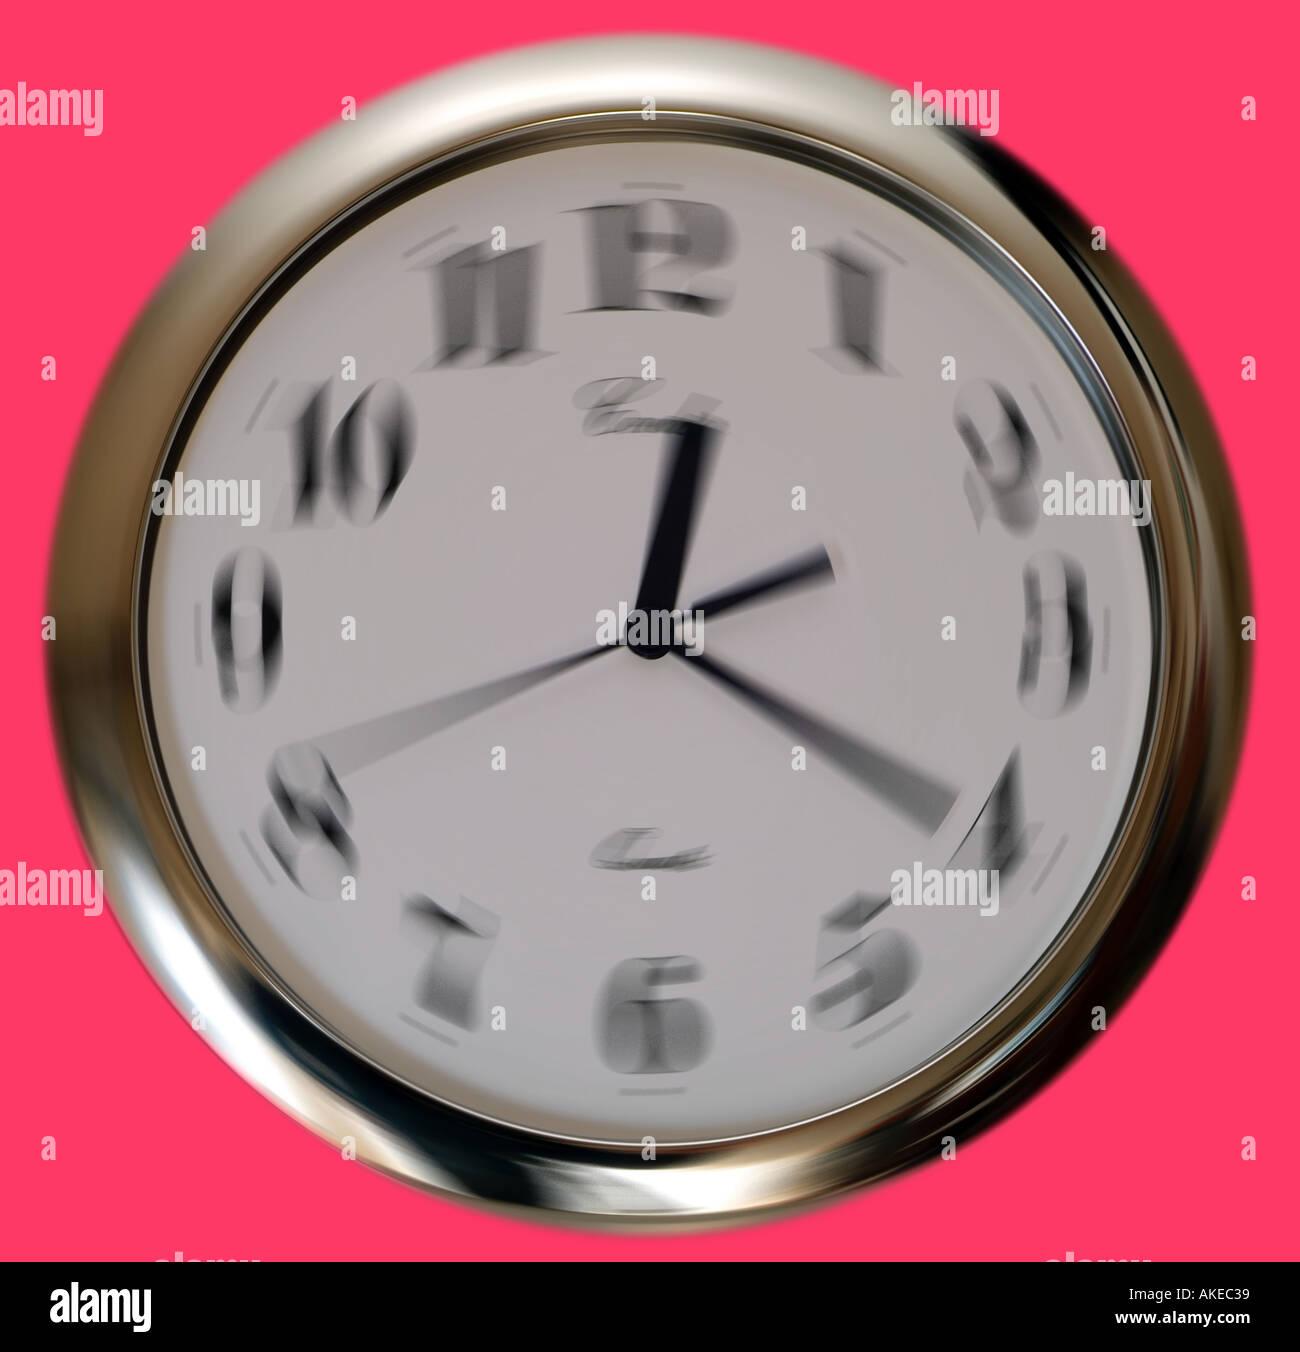 Reloj Spinning Imagen De Stock